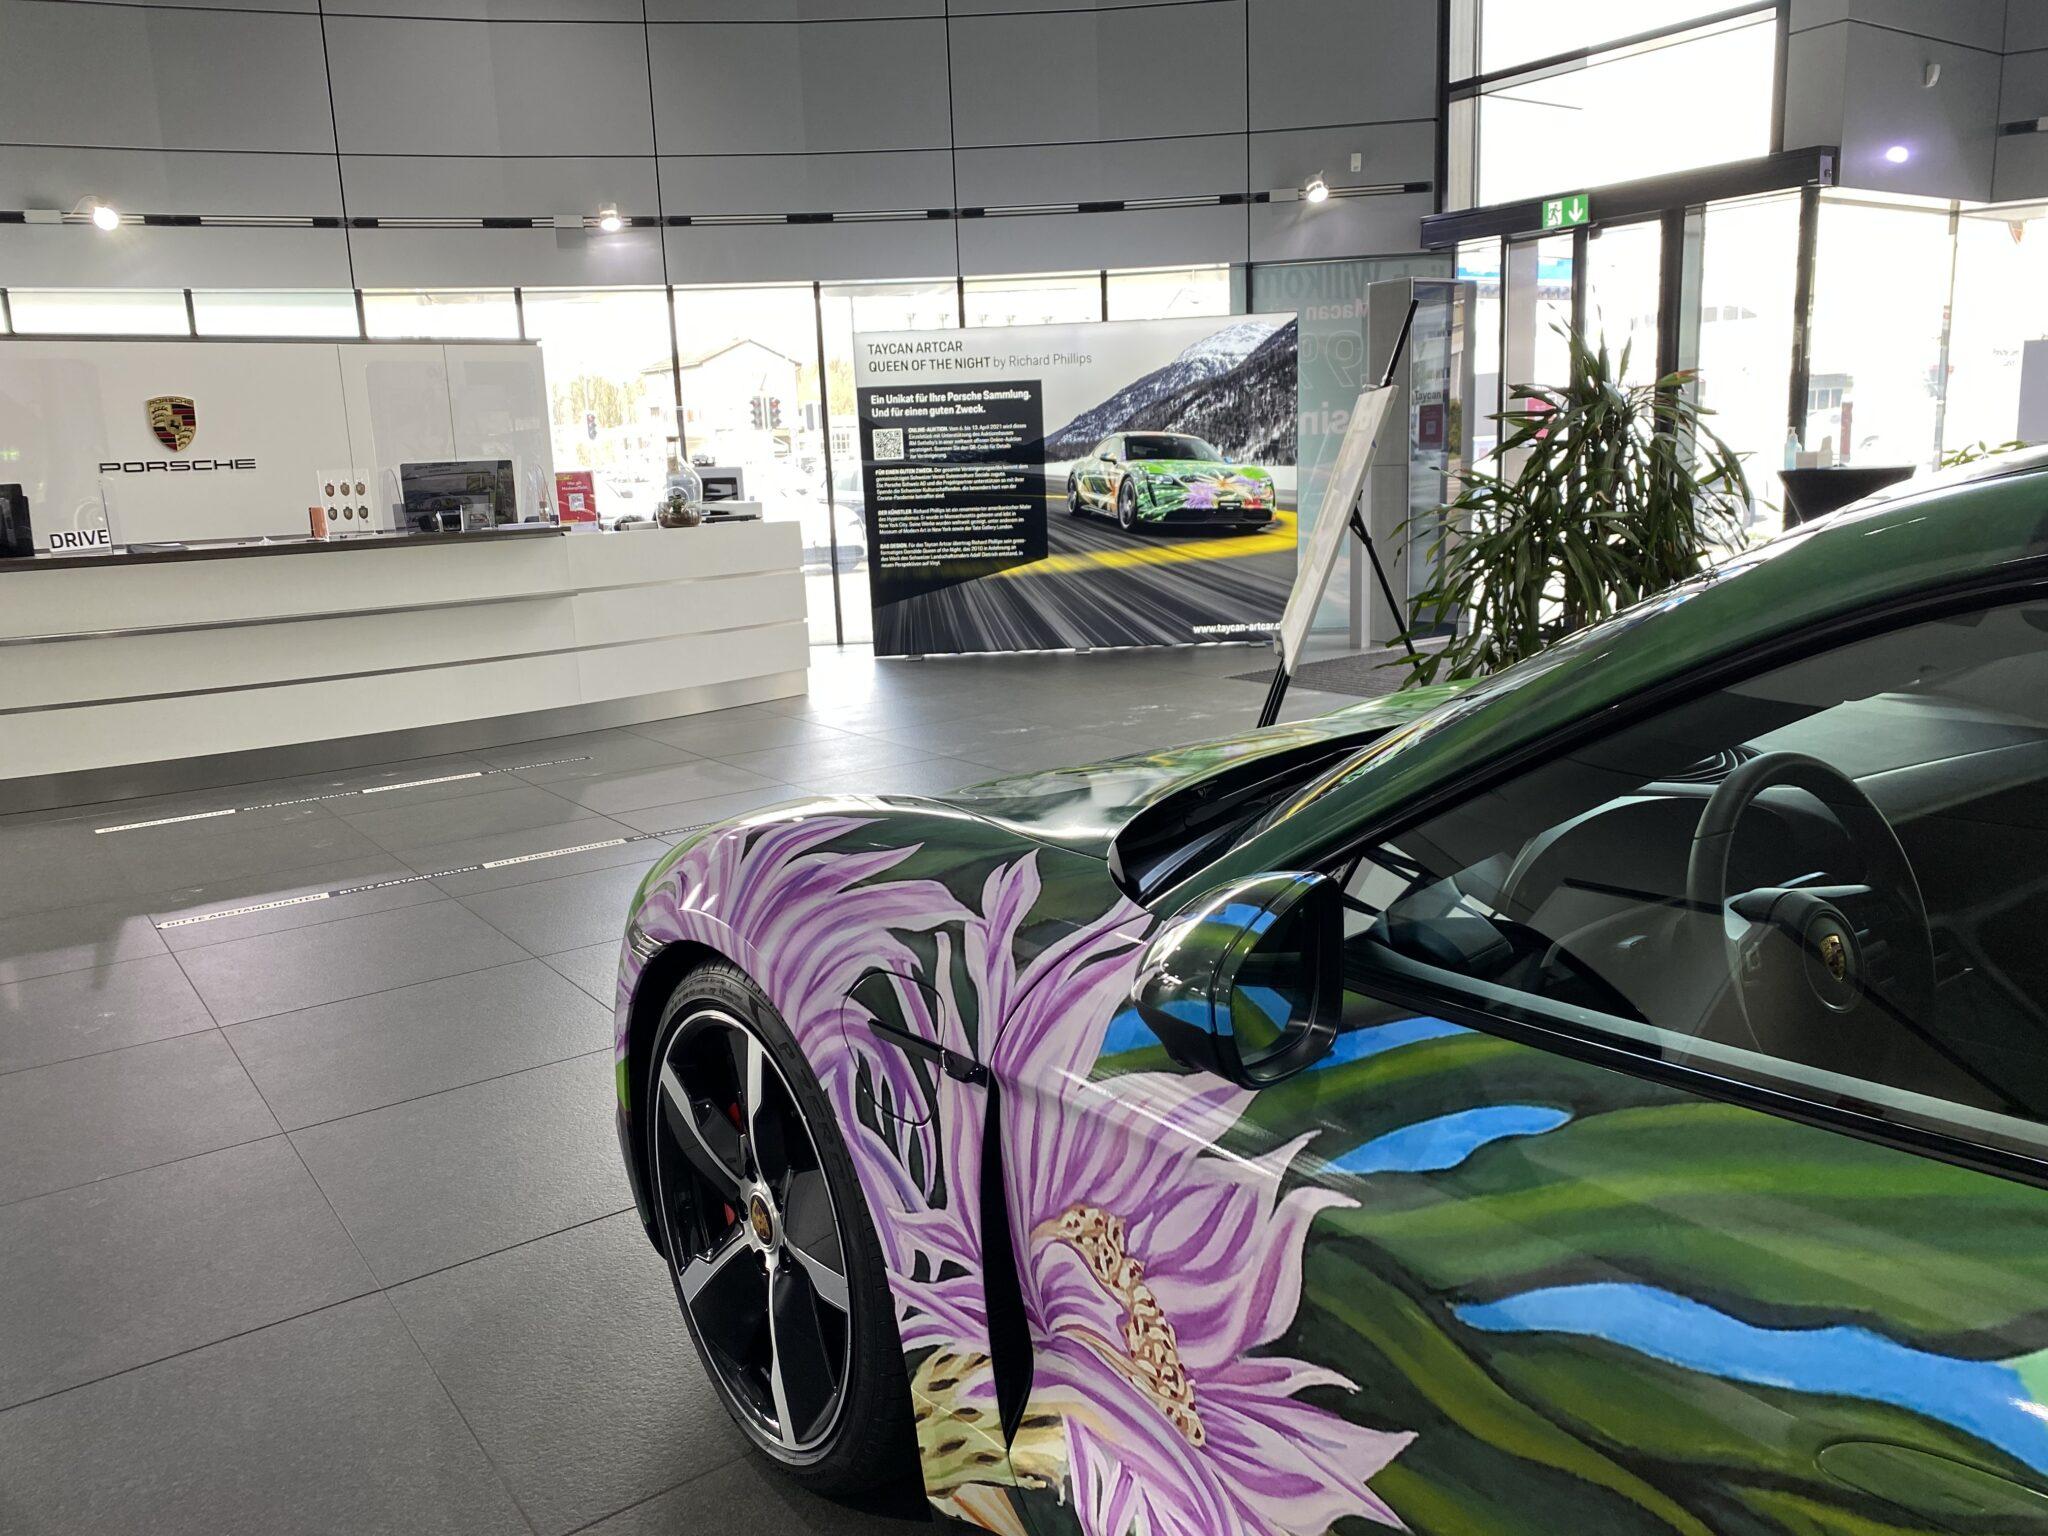 Porsche Art Car Roadshow